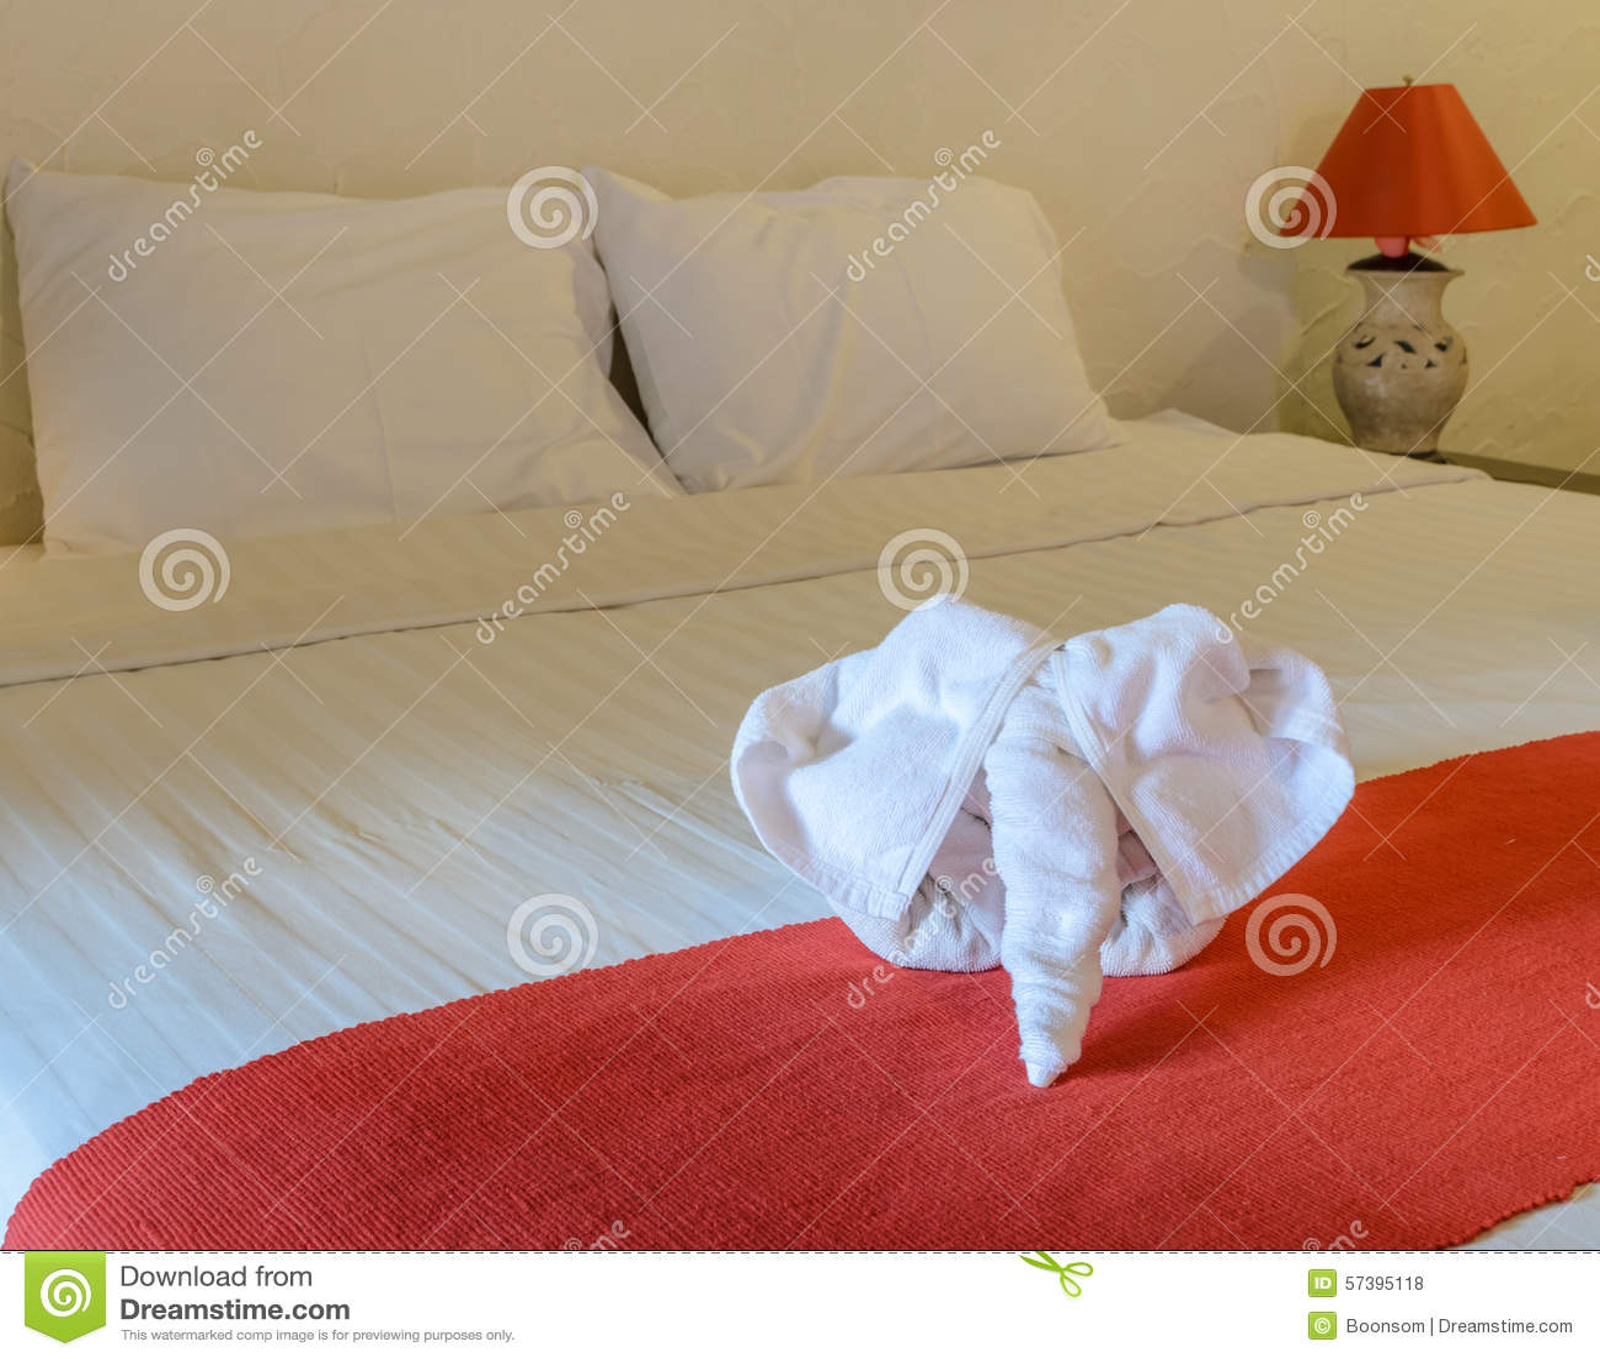 Witte handdoek in vorm van olifant op bed